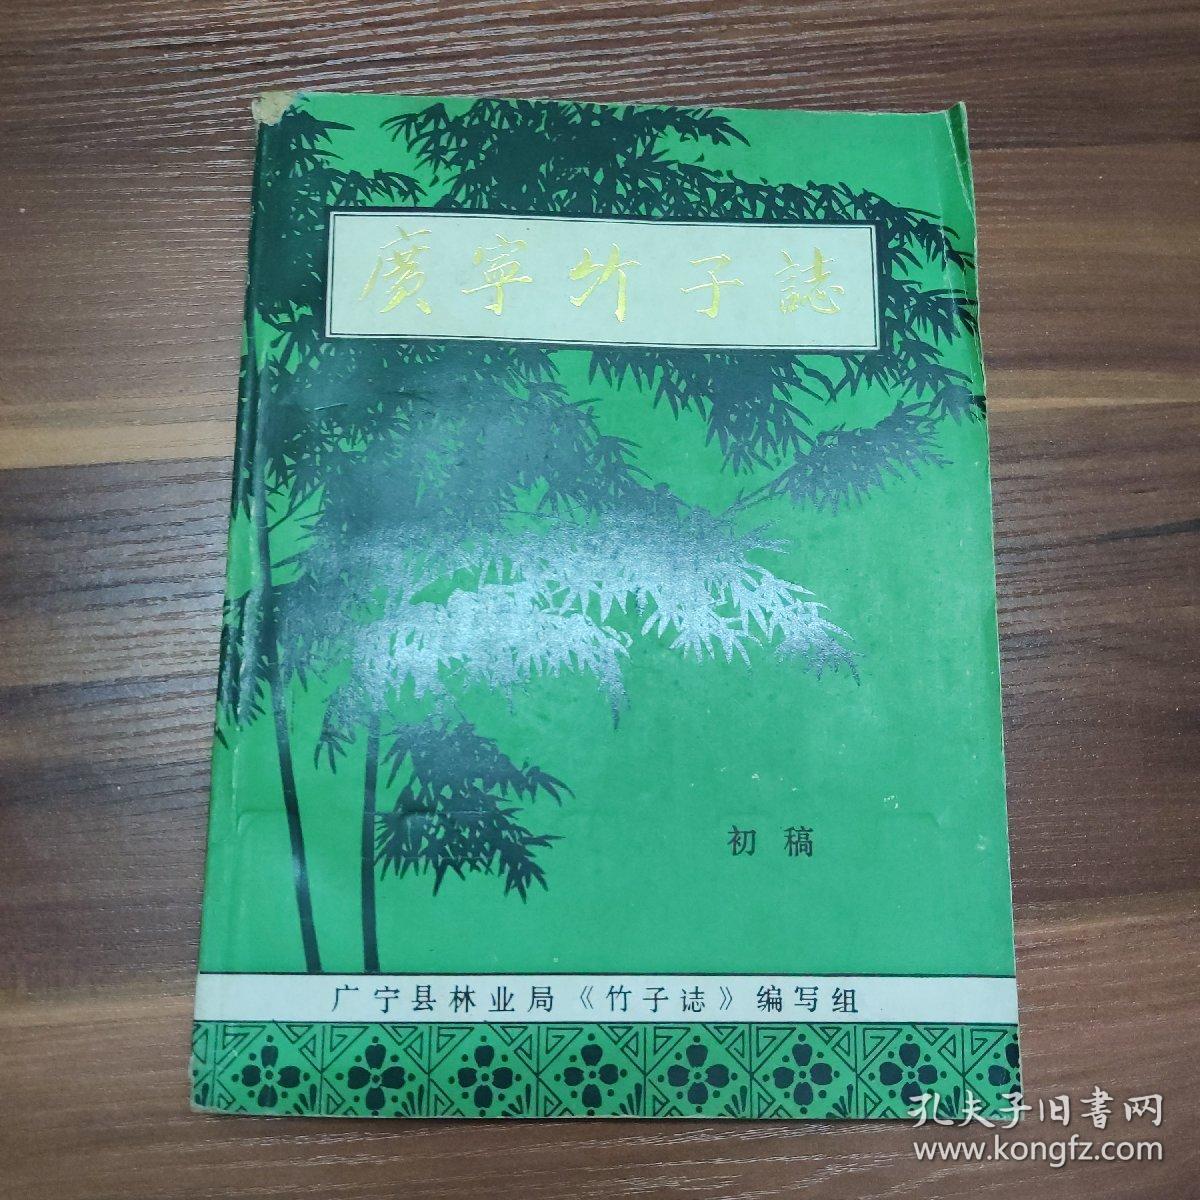 广宁竹子志(初稿)-16开油印